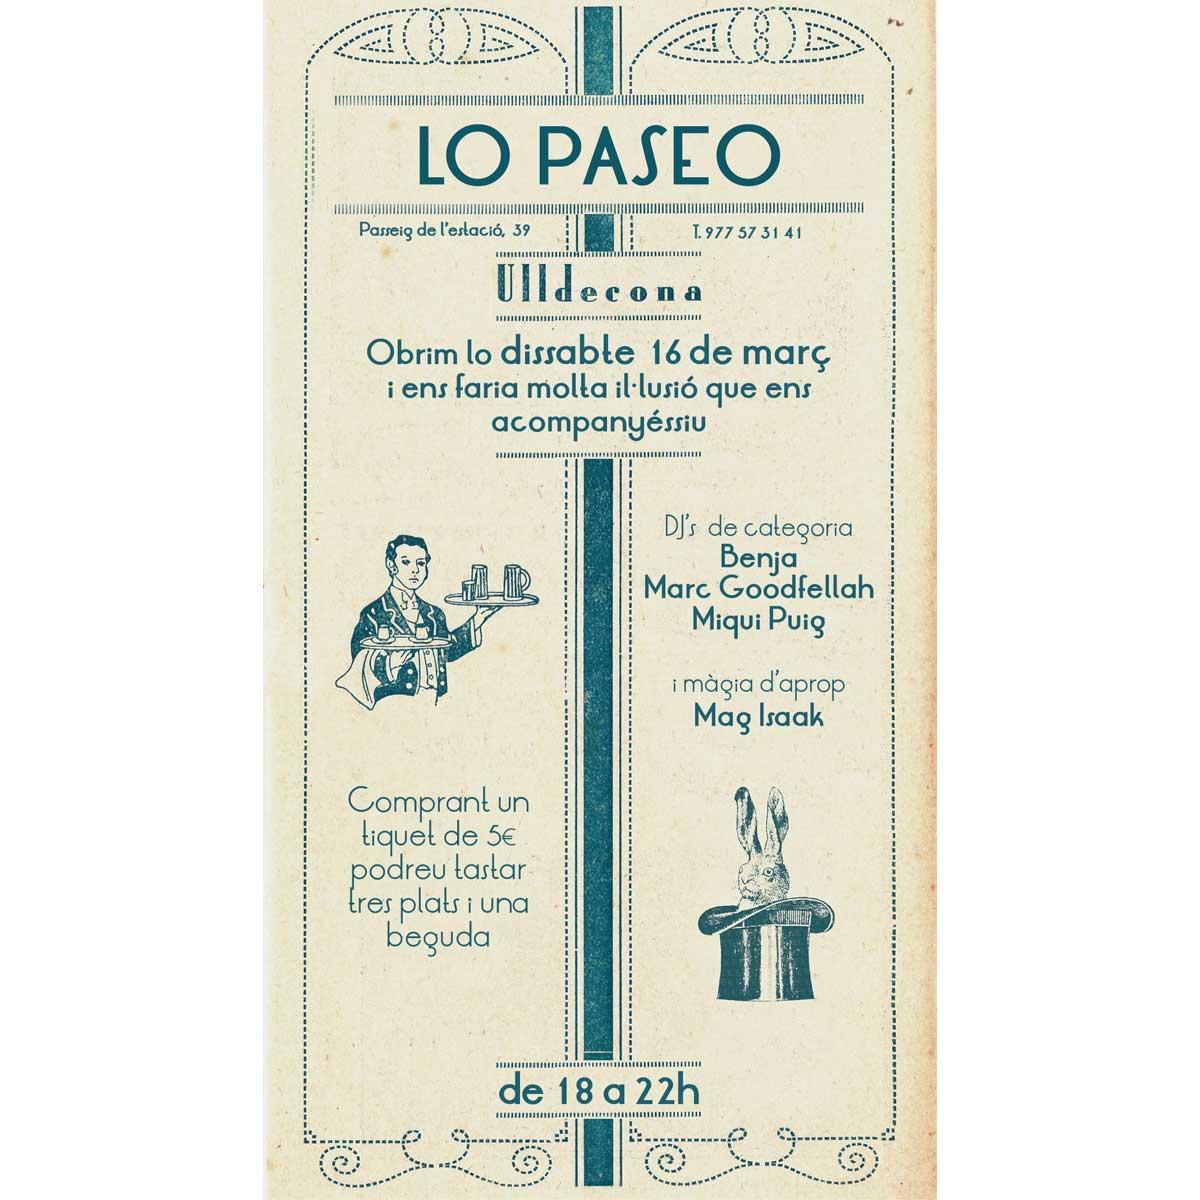 Lo Paseo, restaurant, espai informal i gastrobotiga de km0 a Ulldecona. Cuina de Vicent Guimerà, carta de proximitat i temporada, tradició i innovació.